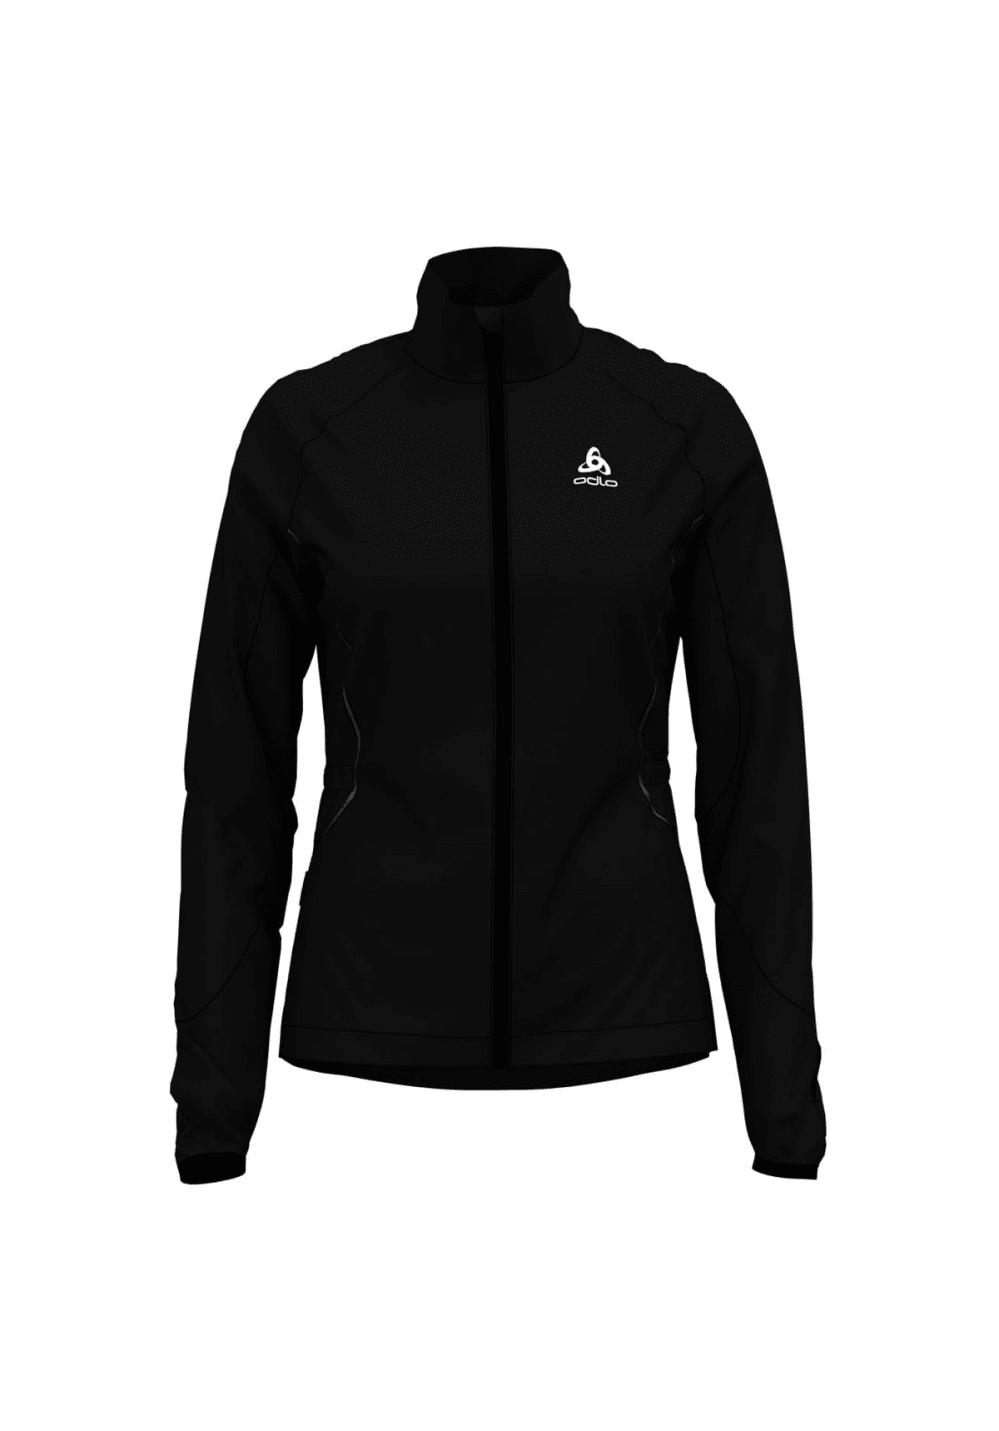 9e4ea85d8c3 Odlo Jacket Zeroweight Windproof Warm - Running jackets for Women - Black